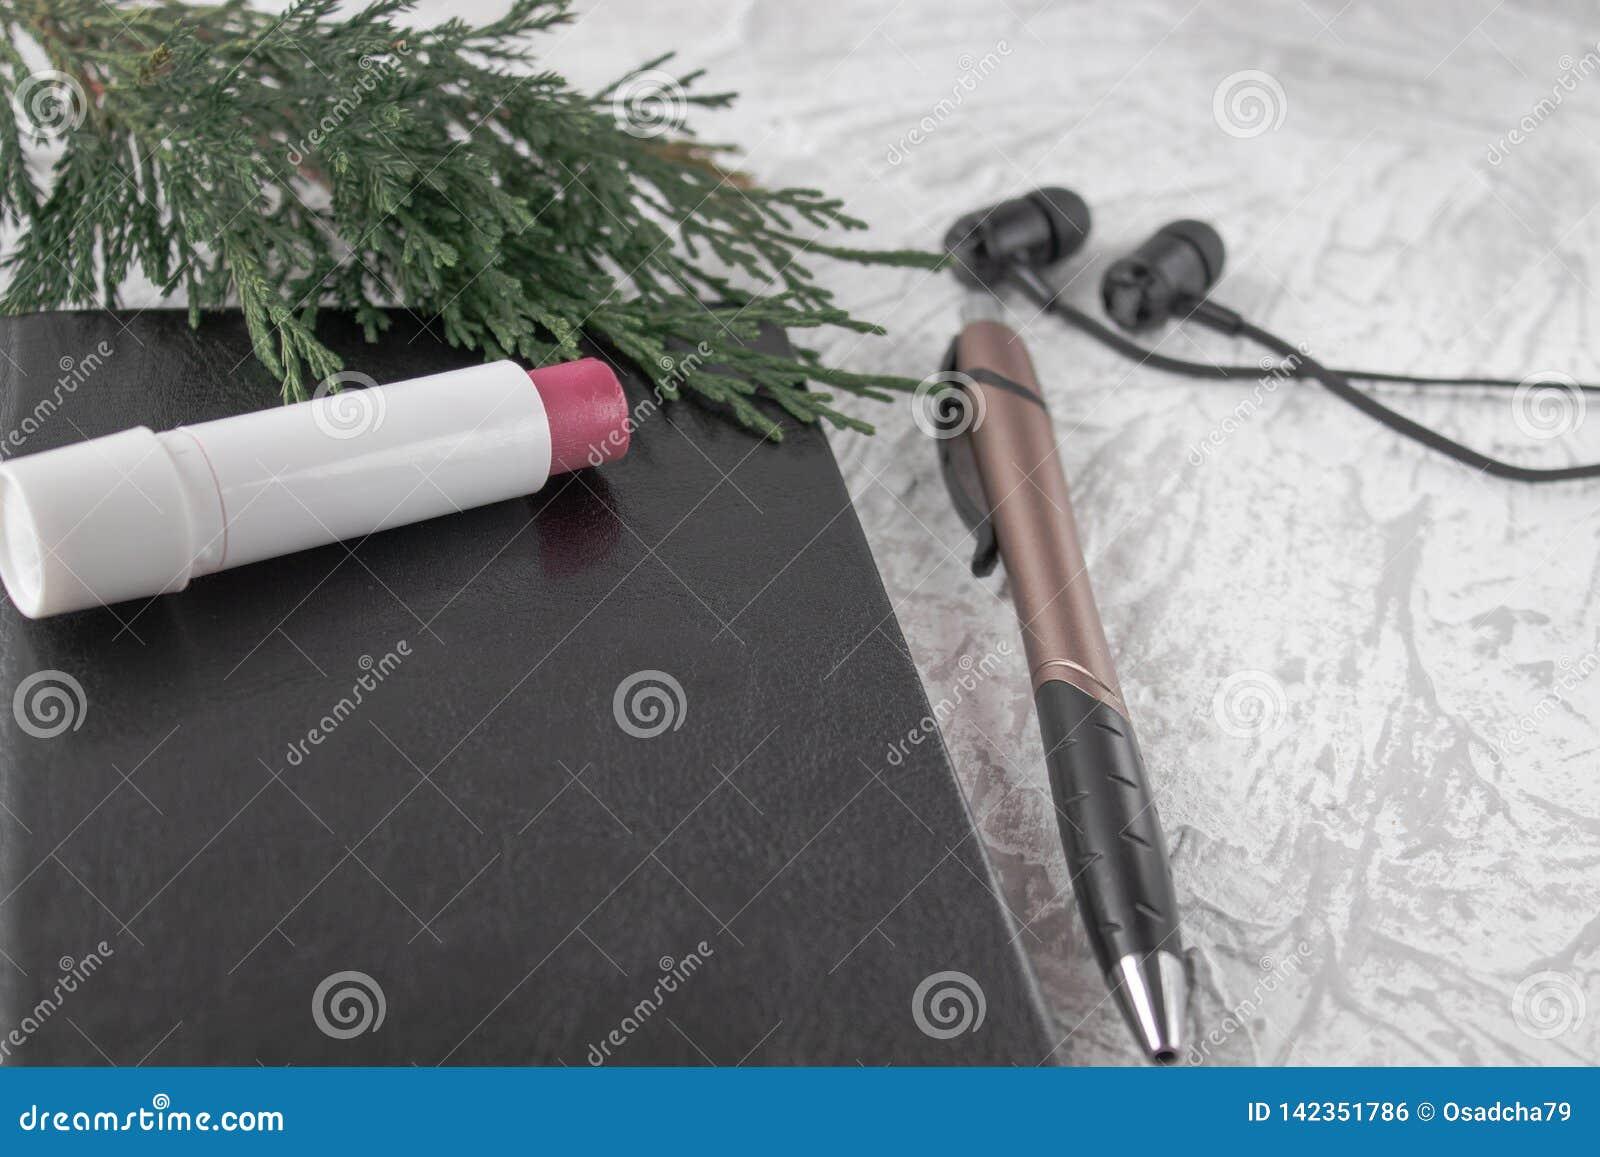 Ramita verde en un cuaderno negro al lado de una pluma, de una barra de labios y de auriculares en un fondo blanco